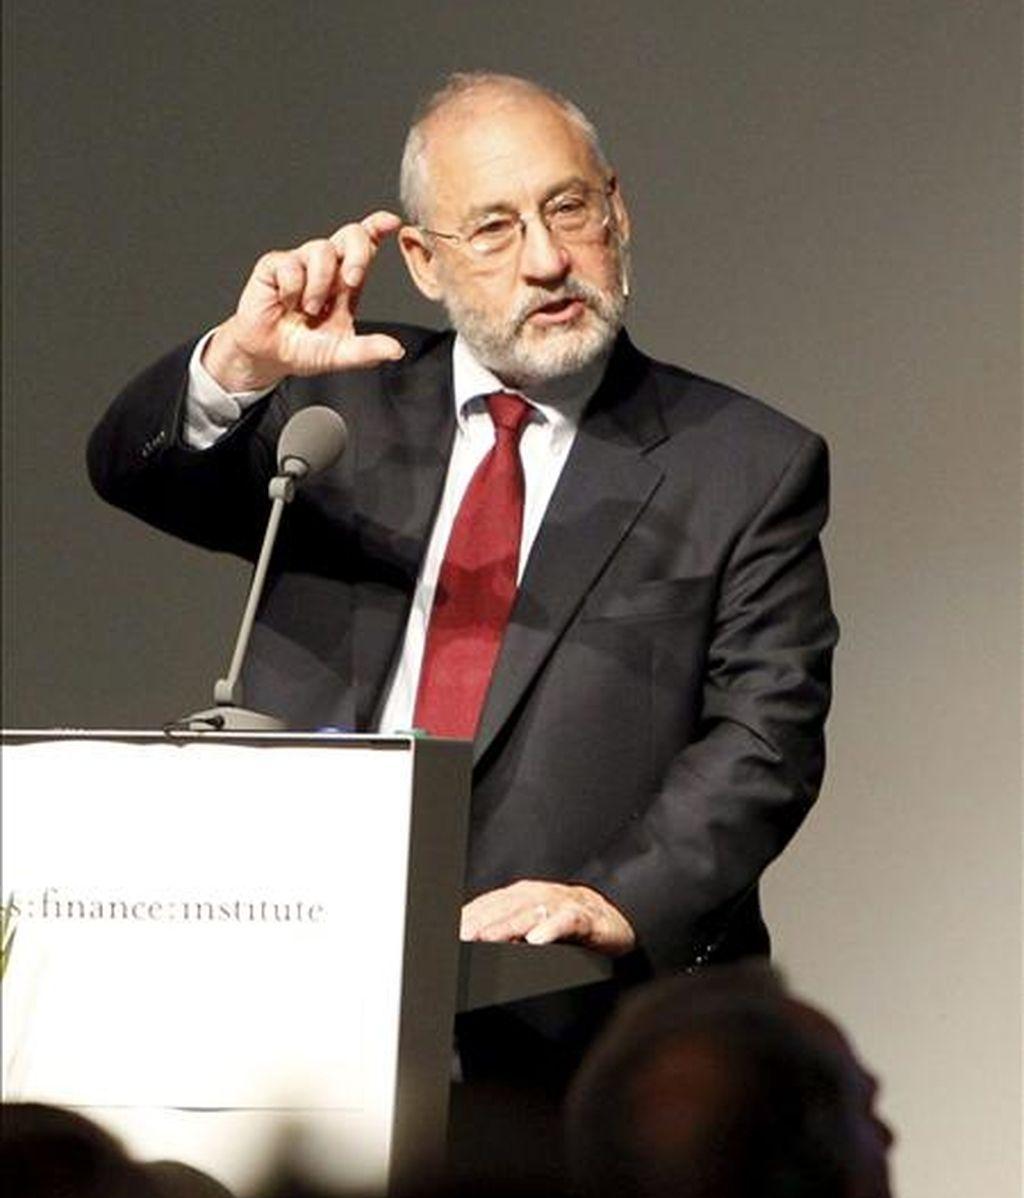 Estados Unidos y Europa viven un proceso similar al que Japón afrontó hace algunos años, pero acentuado debido al alto desempleo, precisó Stiglitz al intervenir en un seminario organizado por el chileno Banco de Crédito e Inversiones. EFE/Archivo